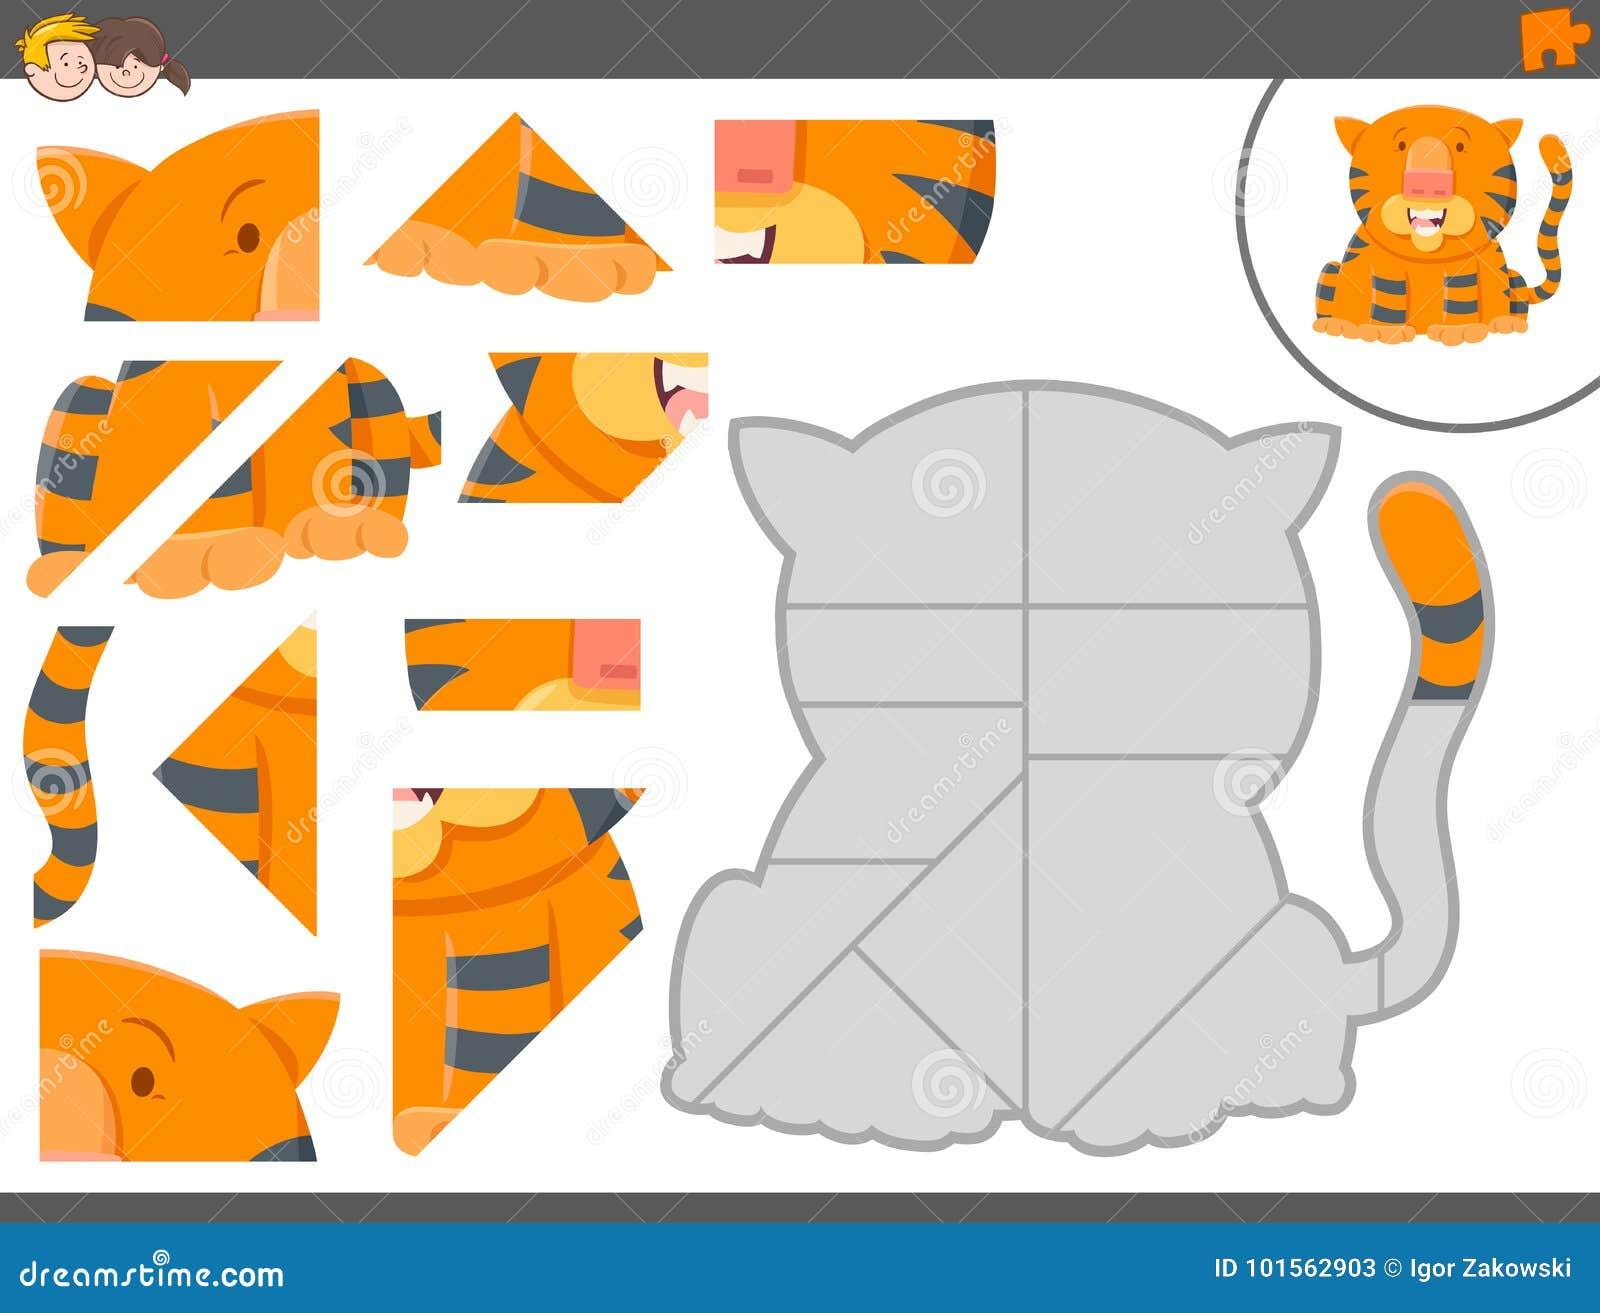 Juego Del Rompecabezas Con El Animal Del Tigre Ilustracion Del